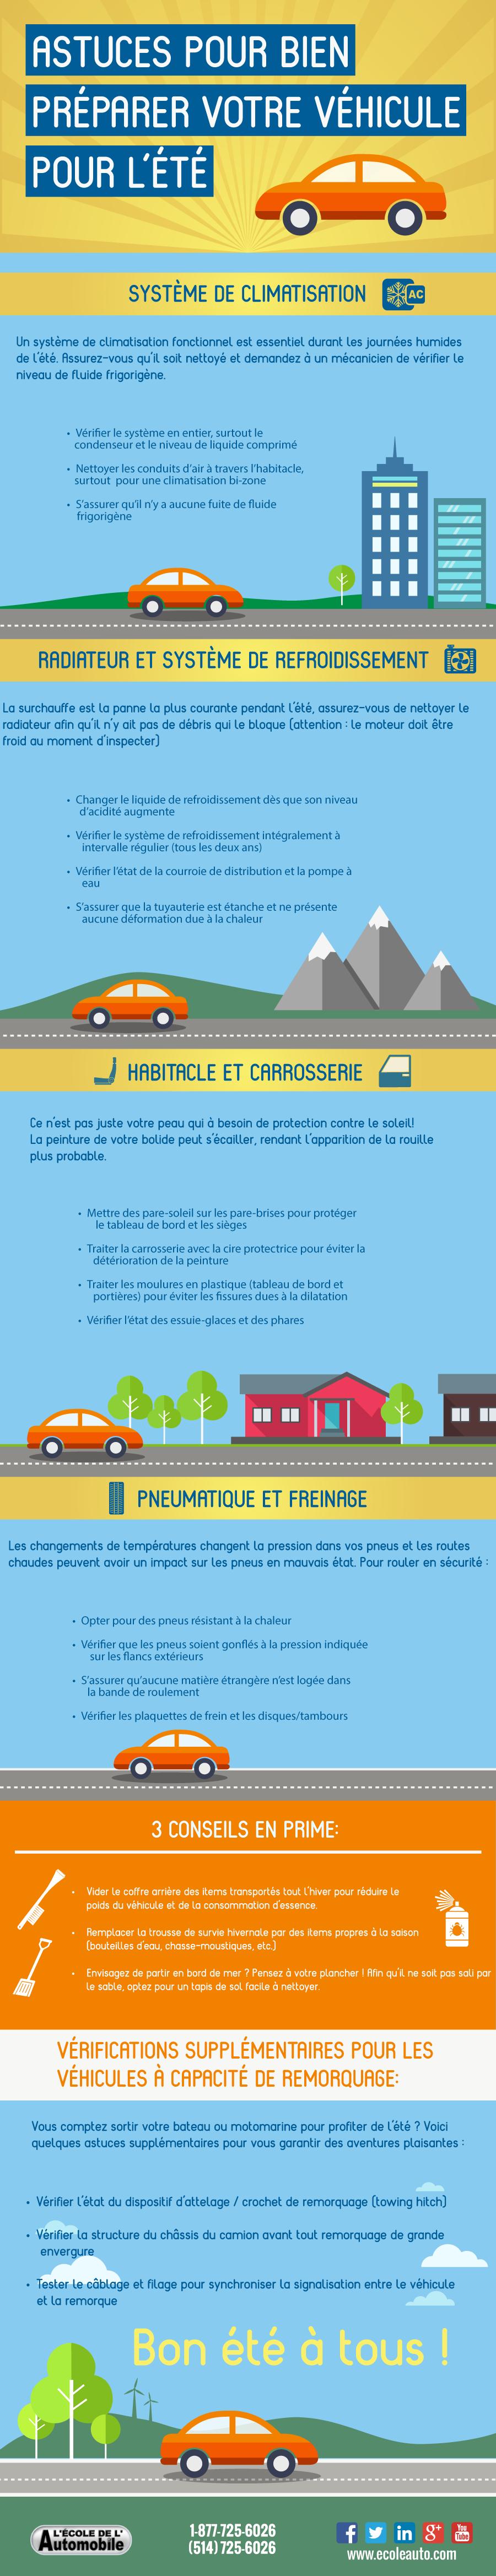 Infographie: Astuces pour bien préparer votre véhicule pour l'été